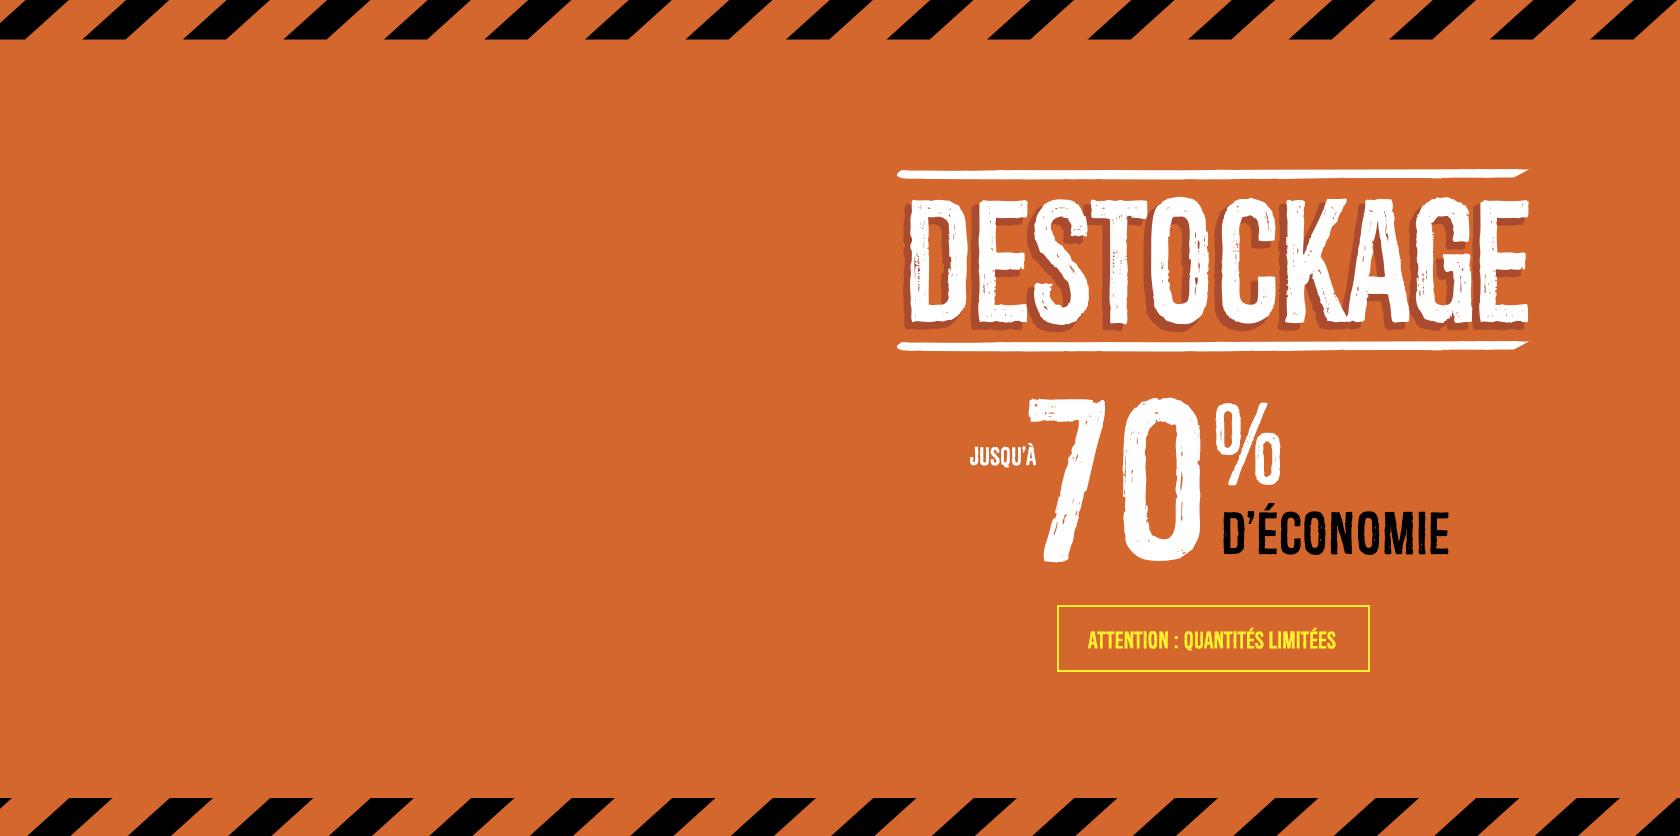 destockage-desktop